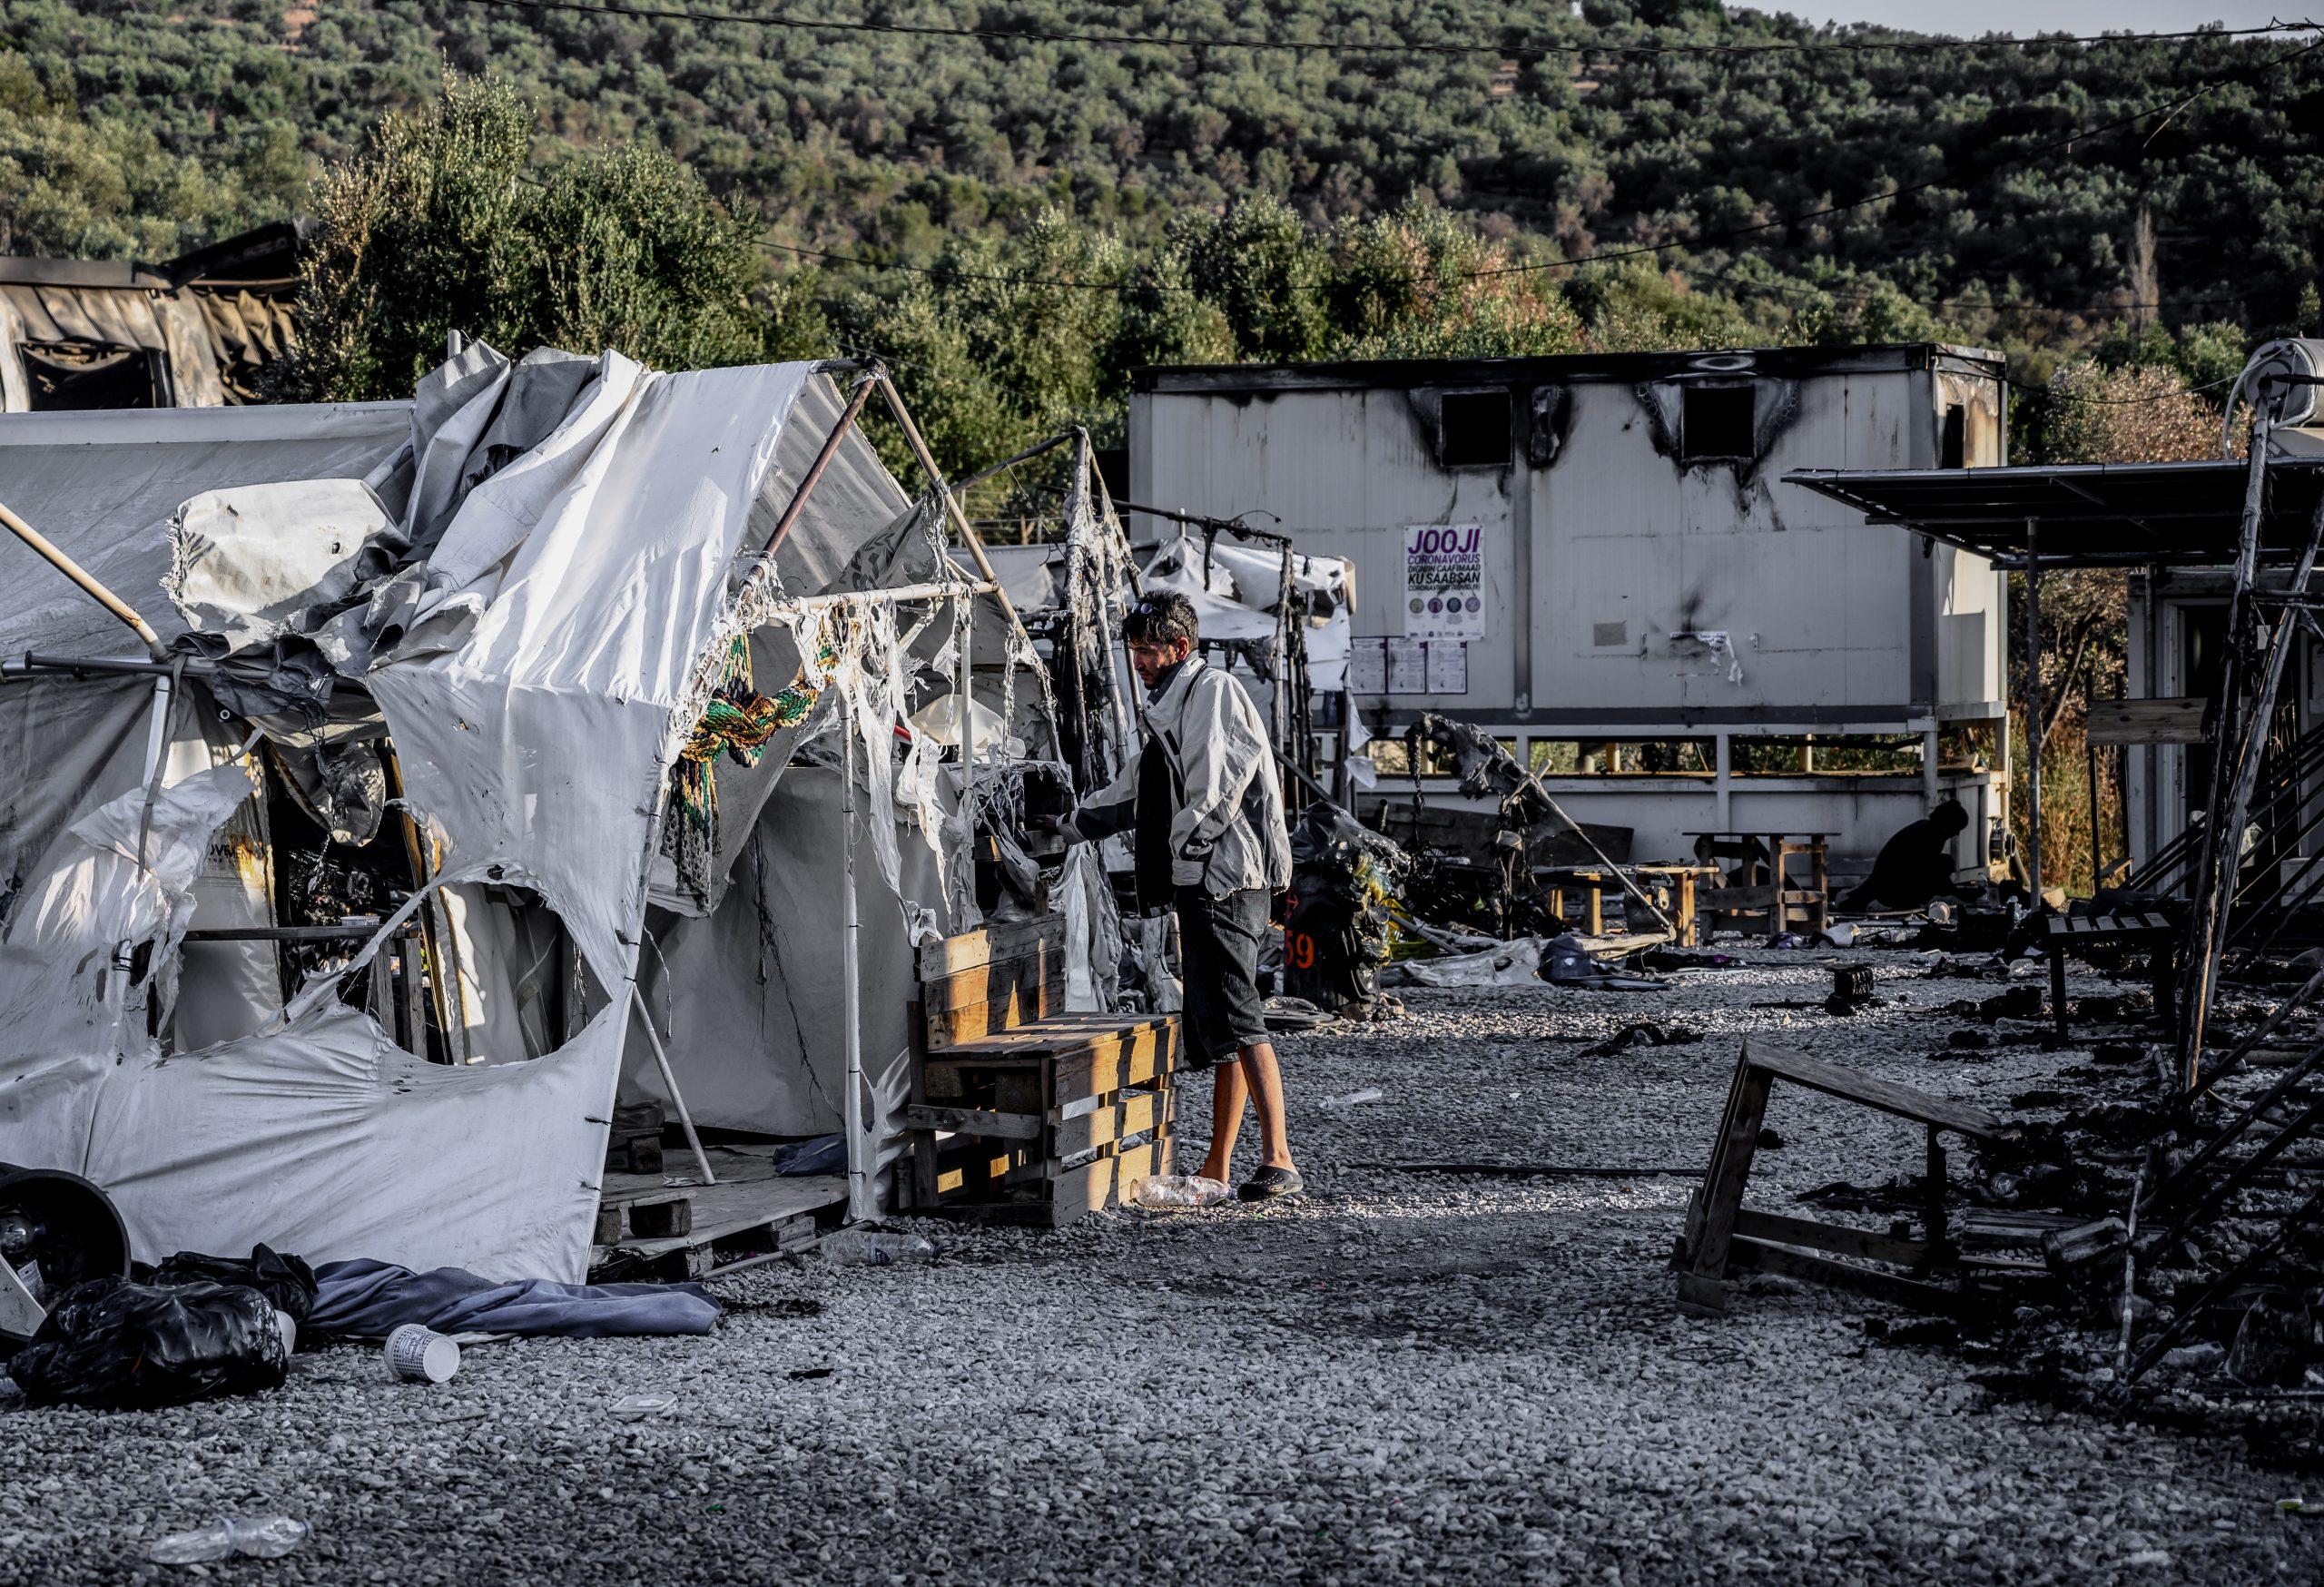 Στο «ΠΑΡΟΝ»: Δεν του βγήκε, στόχος να καούν χιλιάδες πρόσφυγες – Η Μόρια, το νέο «εργαλείο» του Ερντογάν…